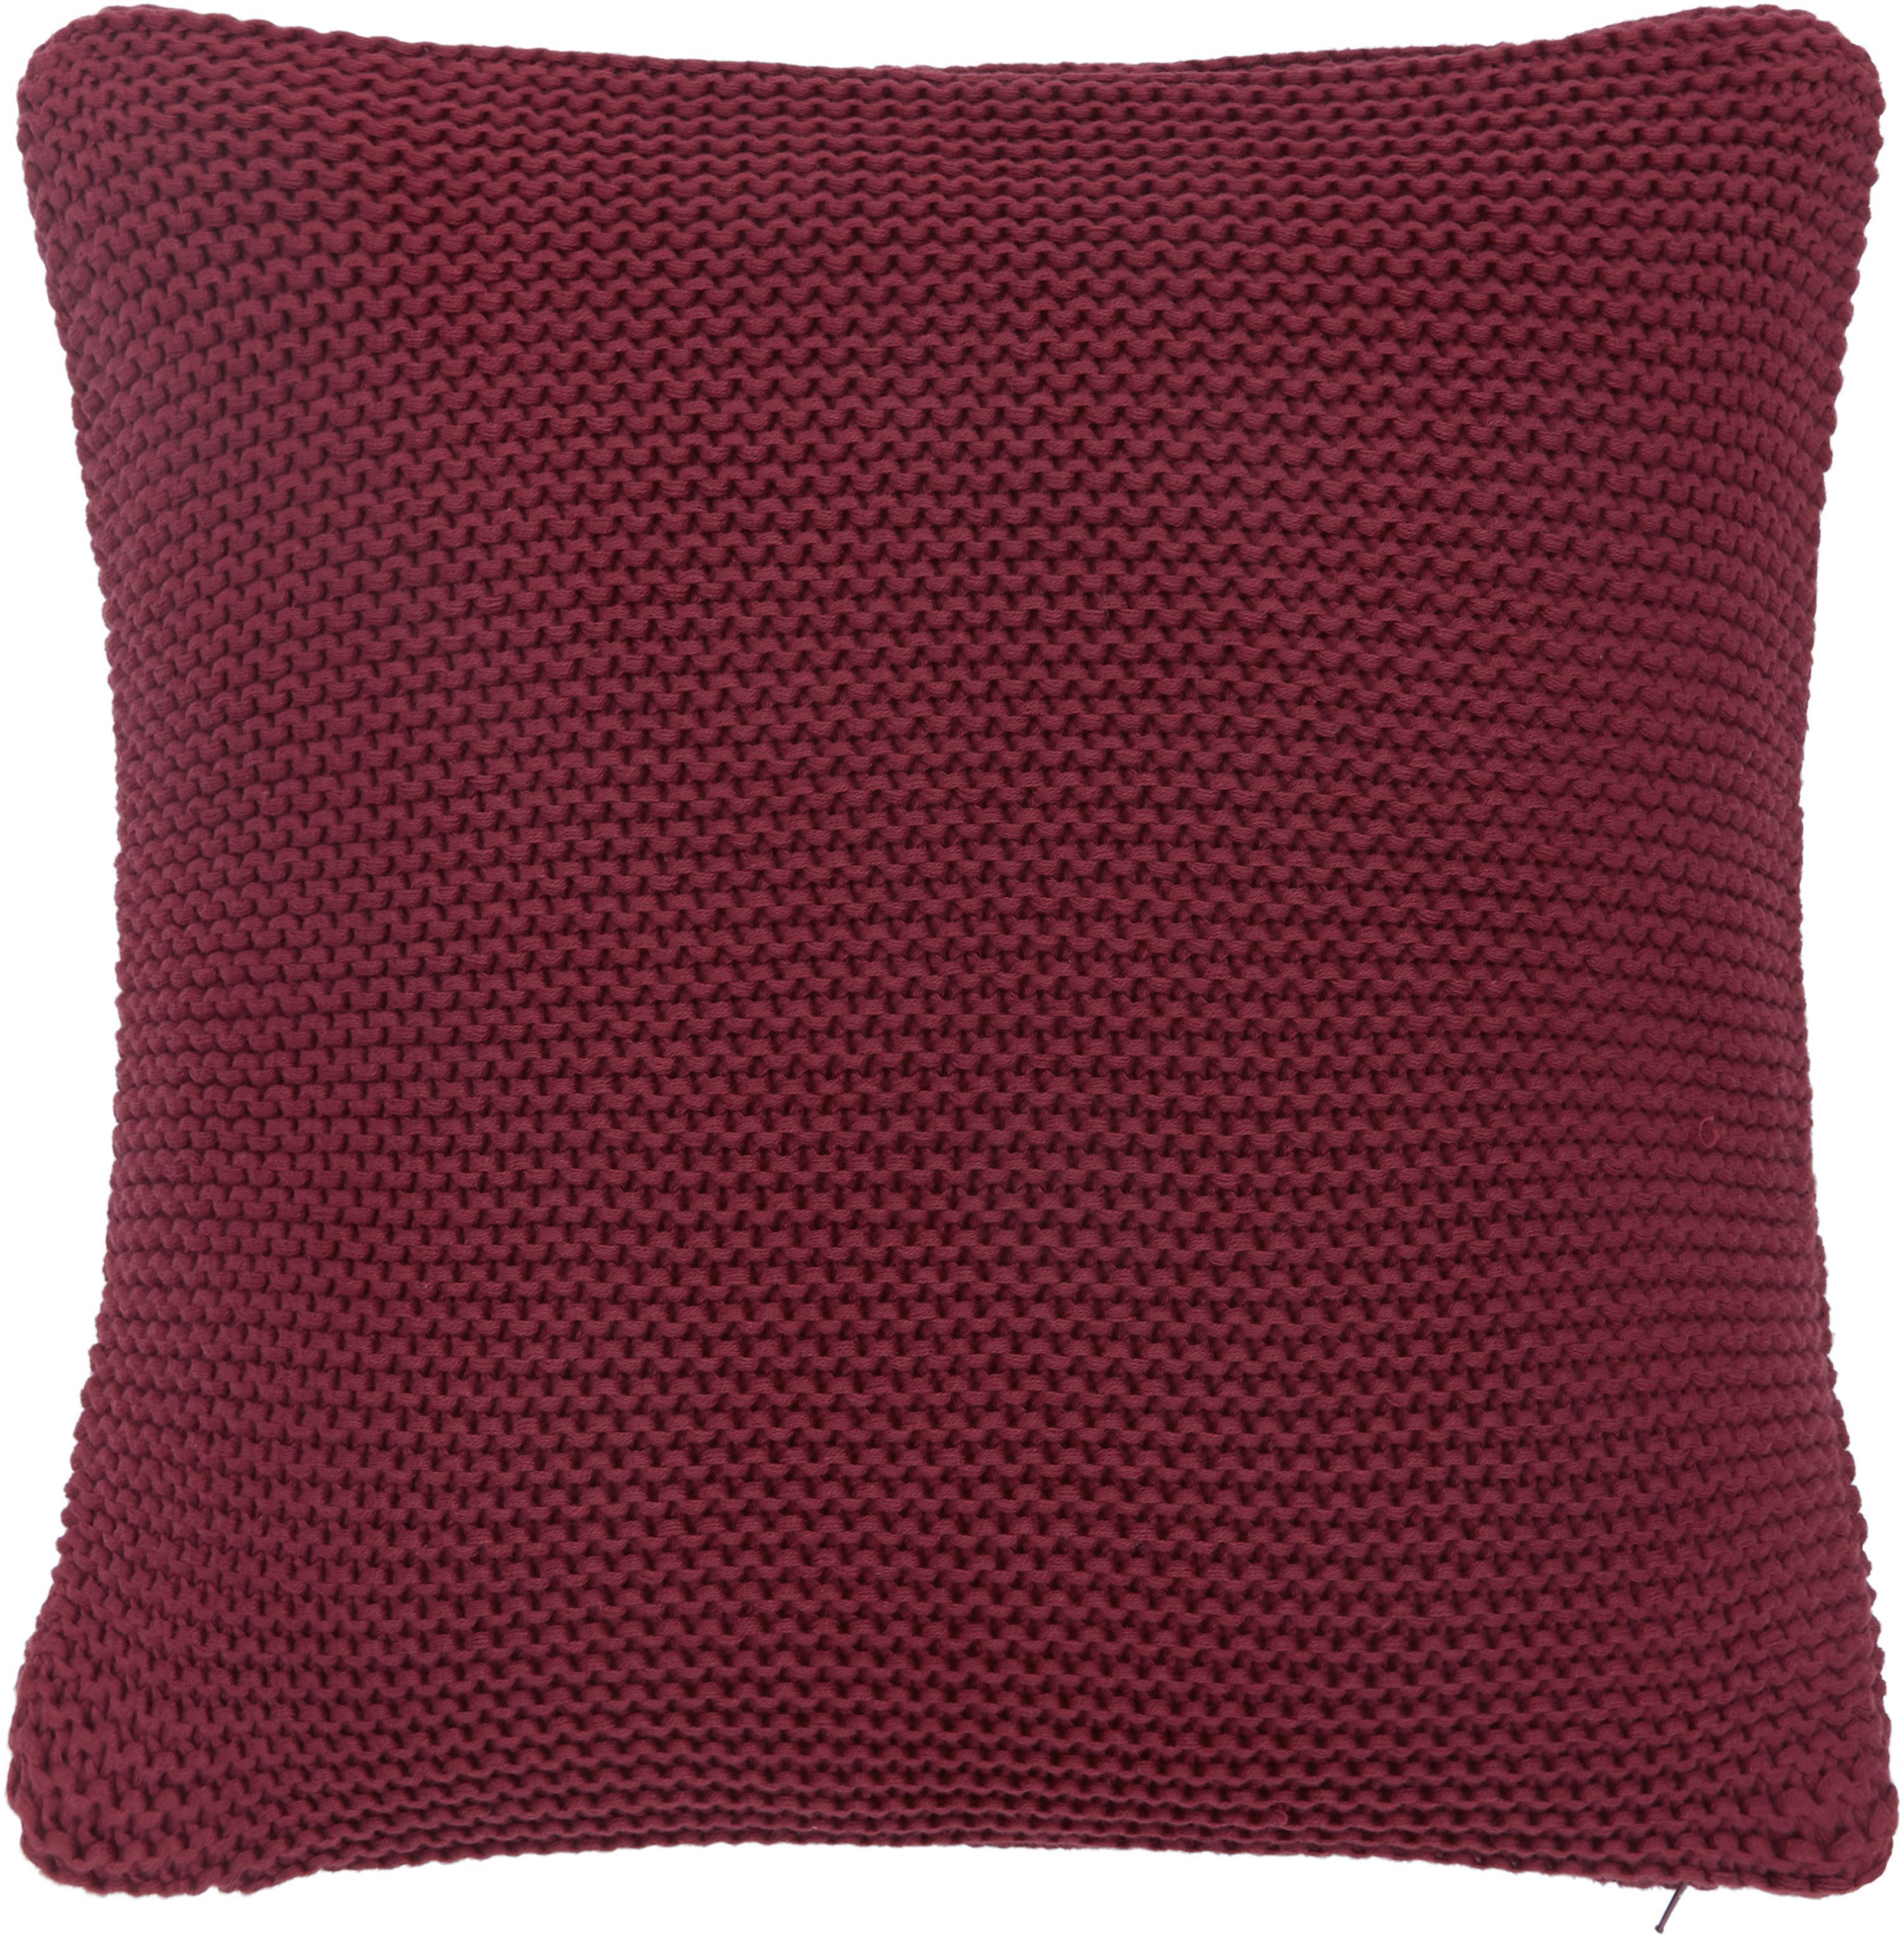 Poszewka na poduszkę z dzianiny Adalyn, 100% bawełna, Ciemny czerwony, S 40 x D 40 cm